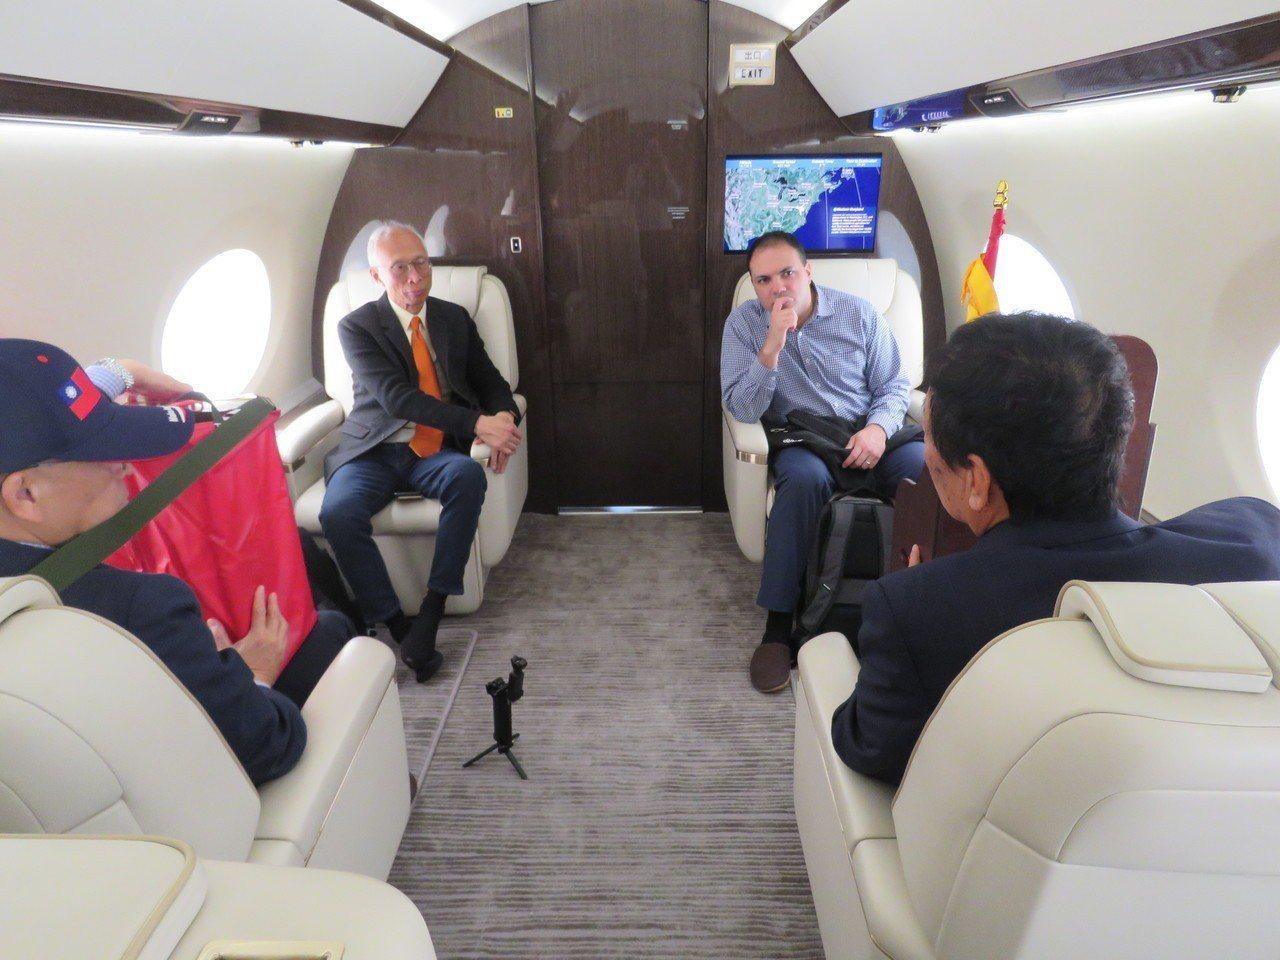 鴻海董事長郭台銘(右下)2日搭乘私人專機從華府飛往威州。記者張加/攝影